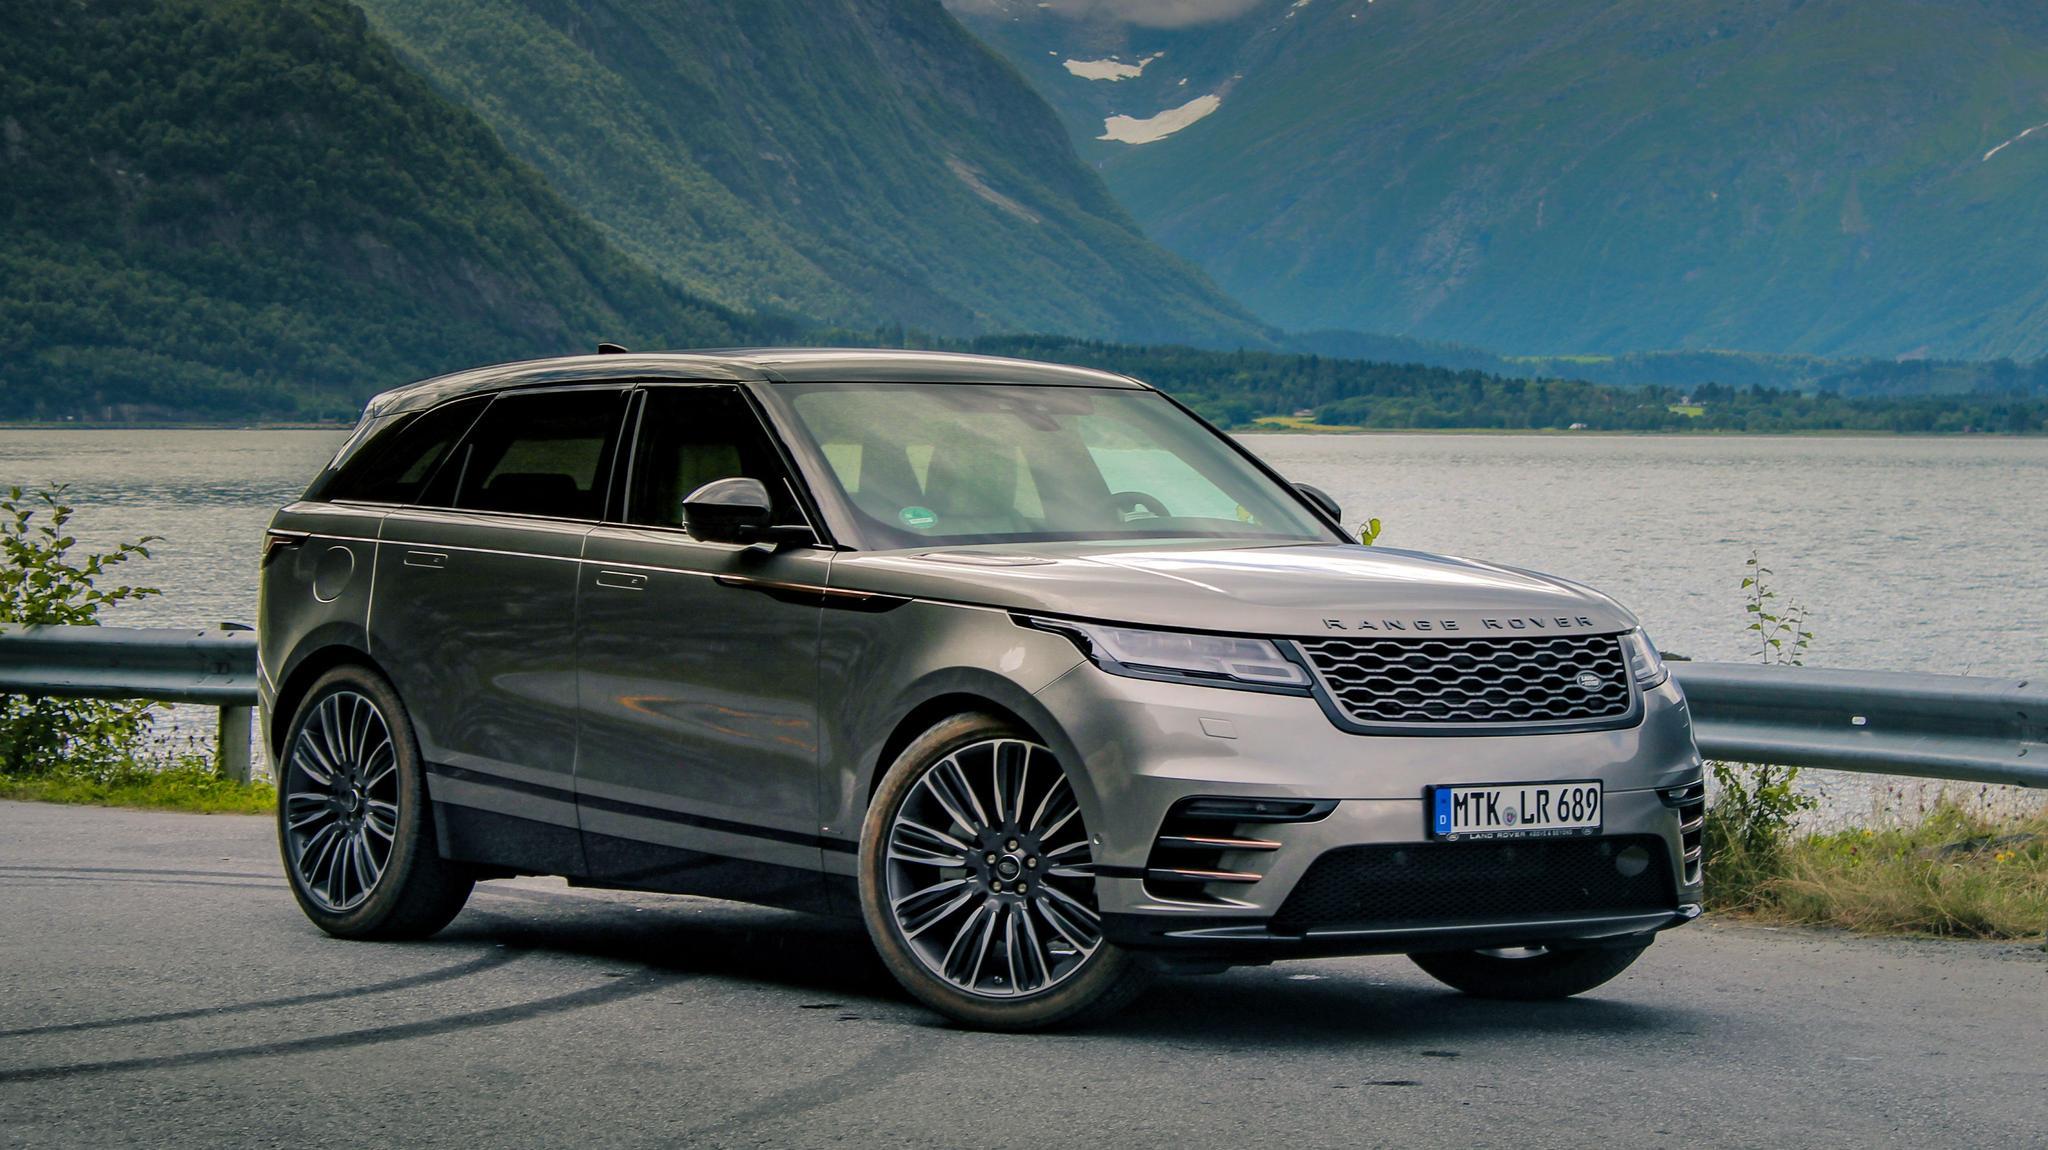 Range Rover Velar >> Range Rover Velar Valittiin Maailman Kauneimmaksi Autoksi